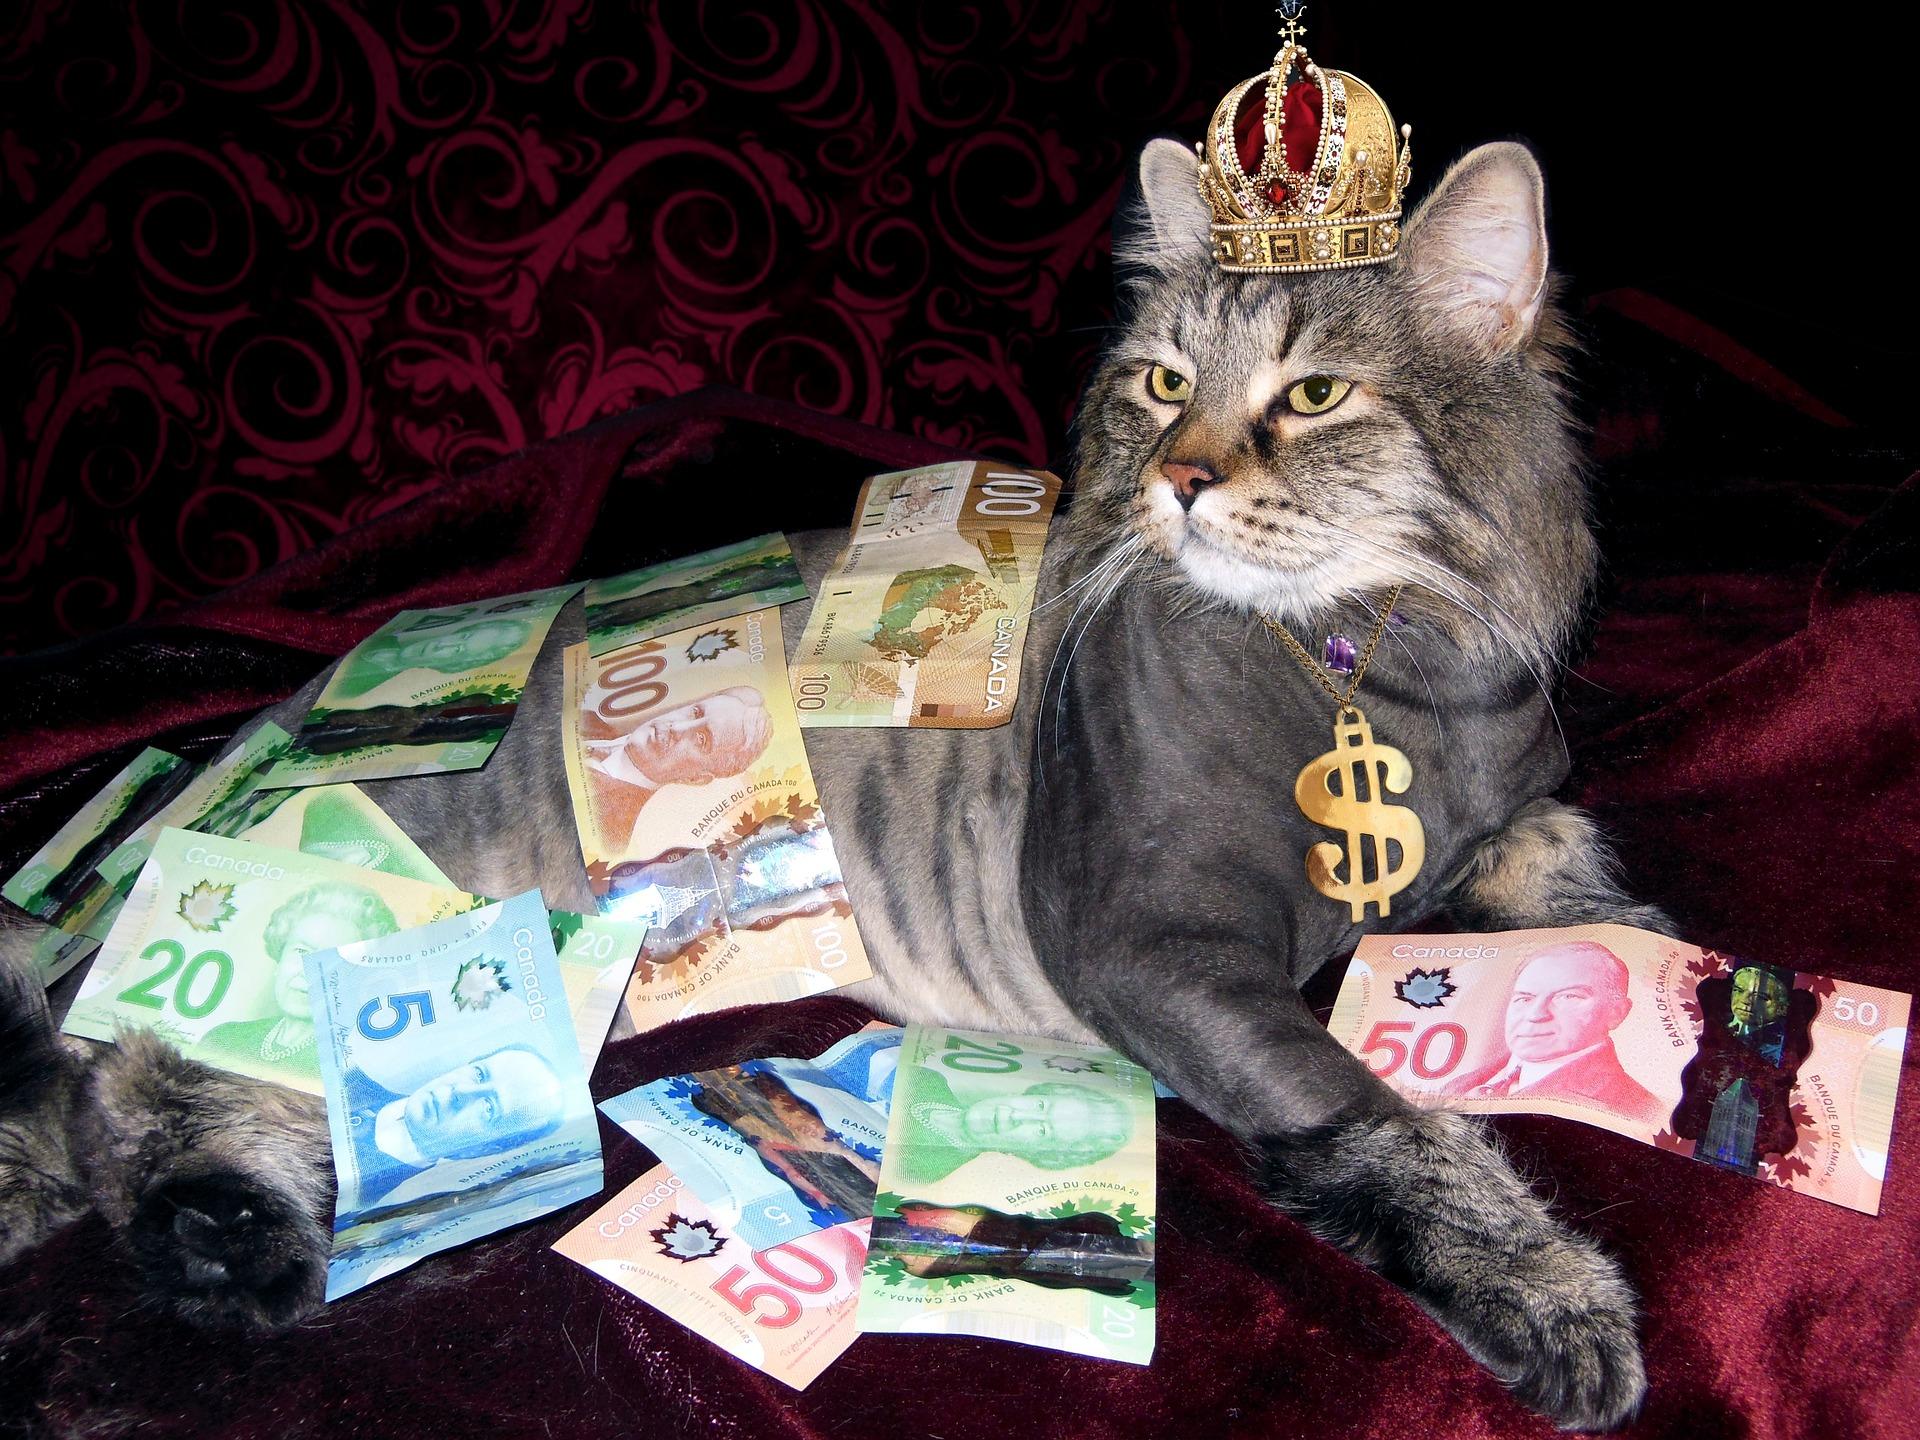 l'argent n'a pas d'odeur